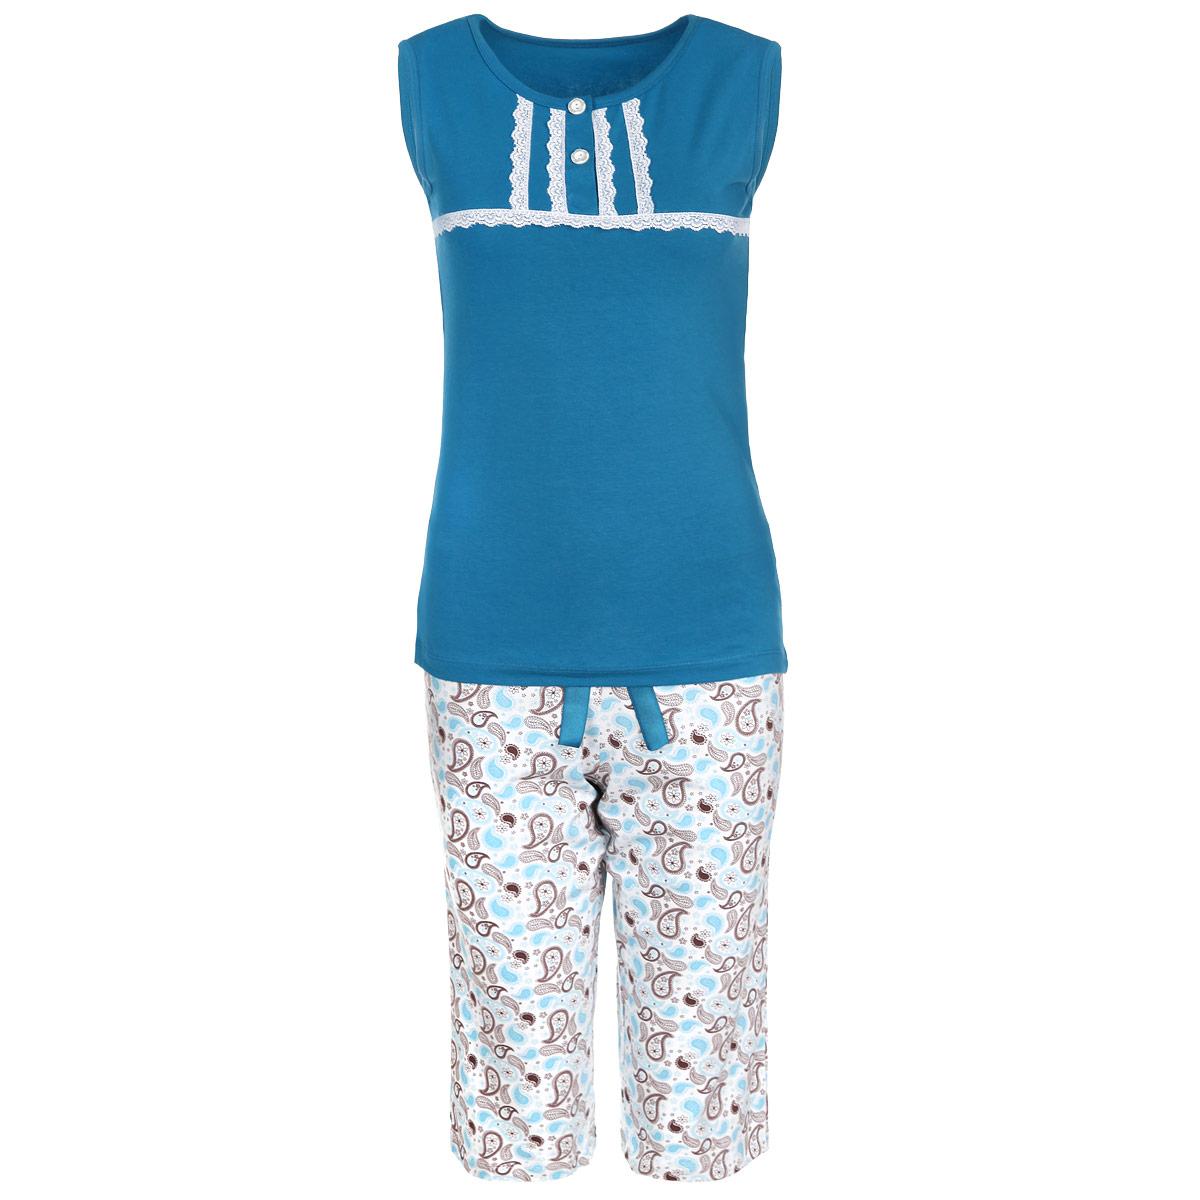 Пижама женская. 634634Женская пижама Milana Style состоит из майки и бридж. Пижама выполнена из приятного на ощупь хлопкового материала. Майка и бриджи не сковывают движения и позволяют коже дышать. Майка прямого кроя с круглым вырезом горловины и без рукавов, на груди застегивается на две пуговки. Майка декорирована кружевной тесьмой. Прямые свободные бриджи на широкой эластичной резинке оформлены оригинальным принтом и атласным бантиком на талии. Идеальные конструкции и приятное цветовое решение - отличный выбор на каждый день. В такой пижаме вам будет максимально комфортно и уютно.